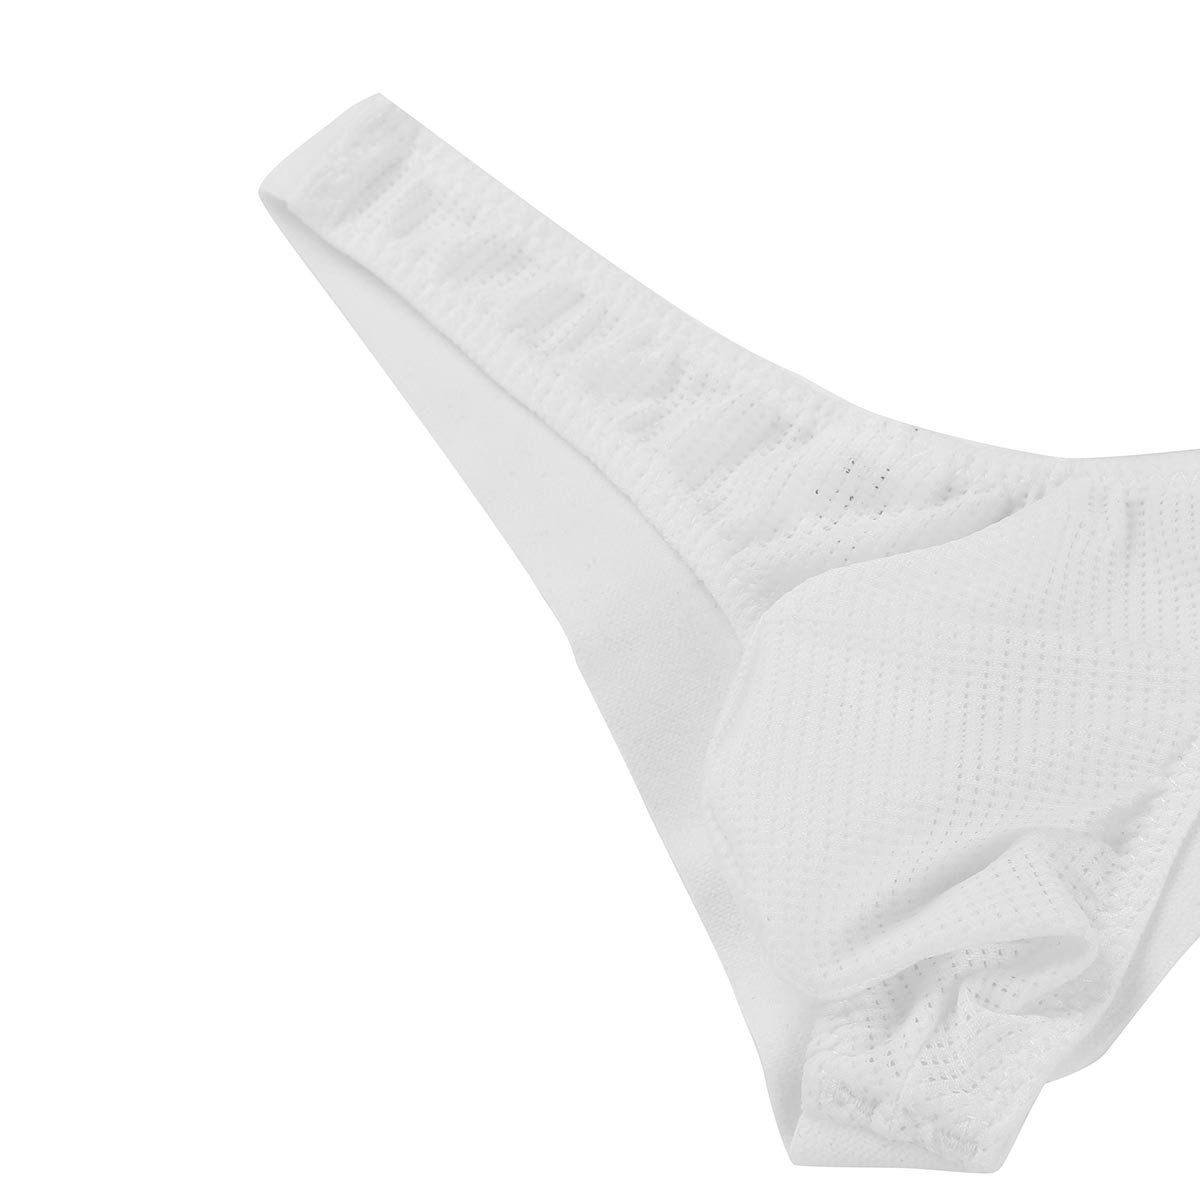 Agoky Mens Breathable Mesh See Through Low Rise G-String Thong Underwear Bikini Briefs